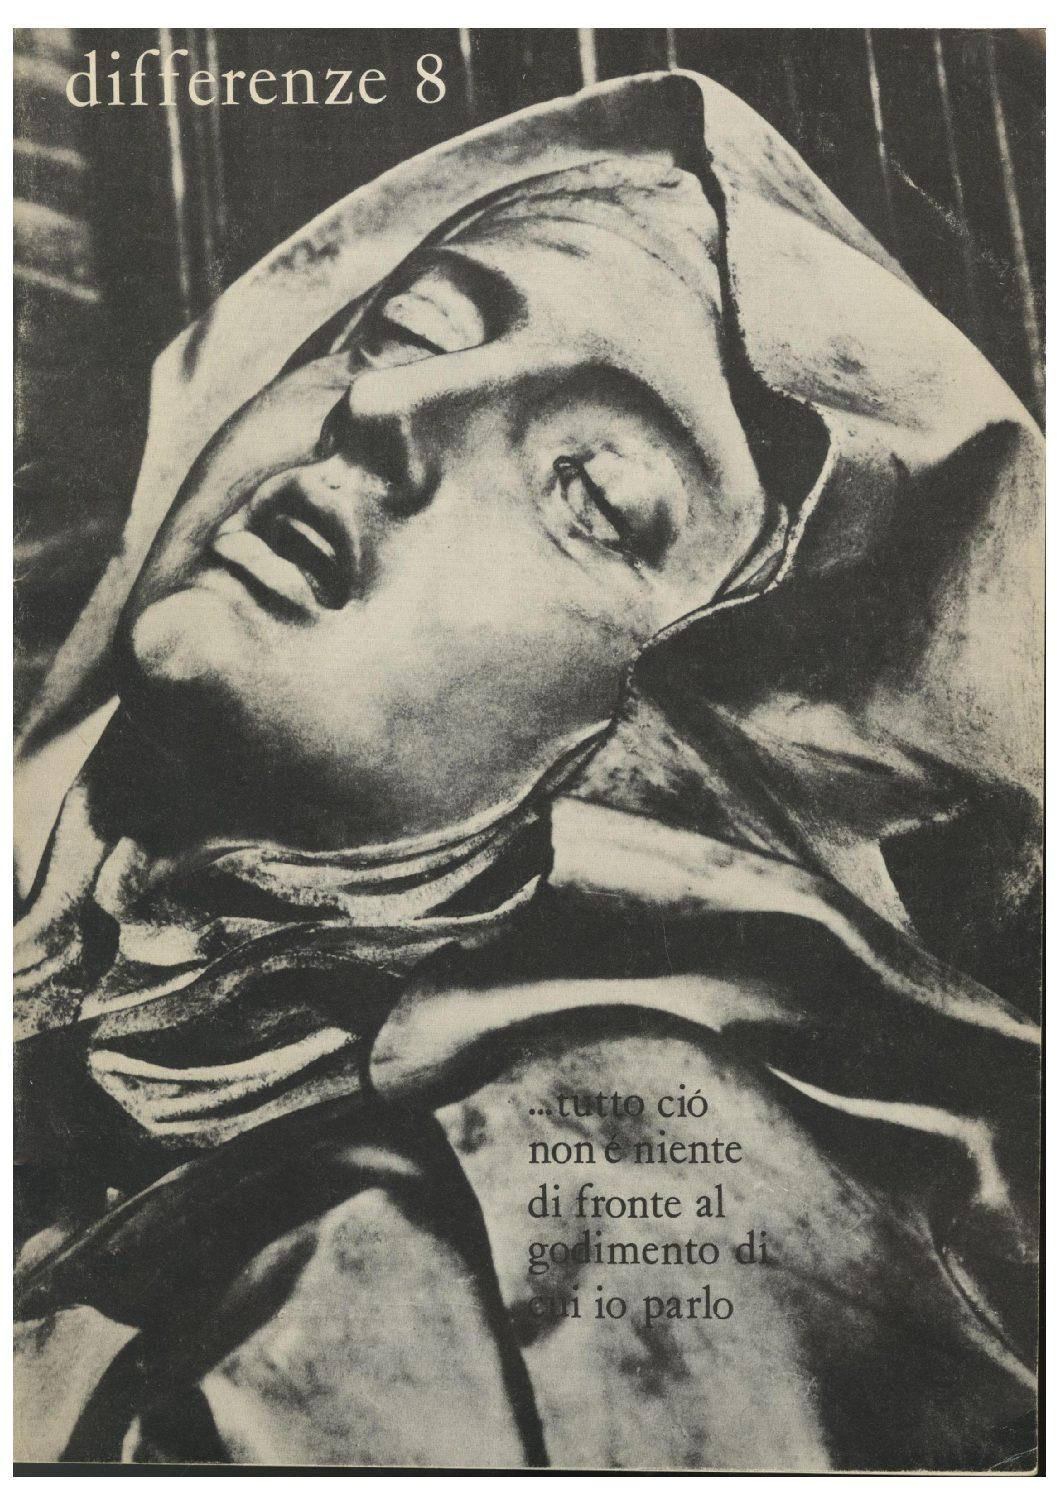 Differenze 1978, n. 8